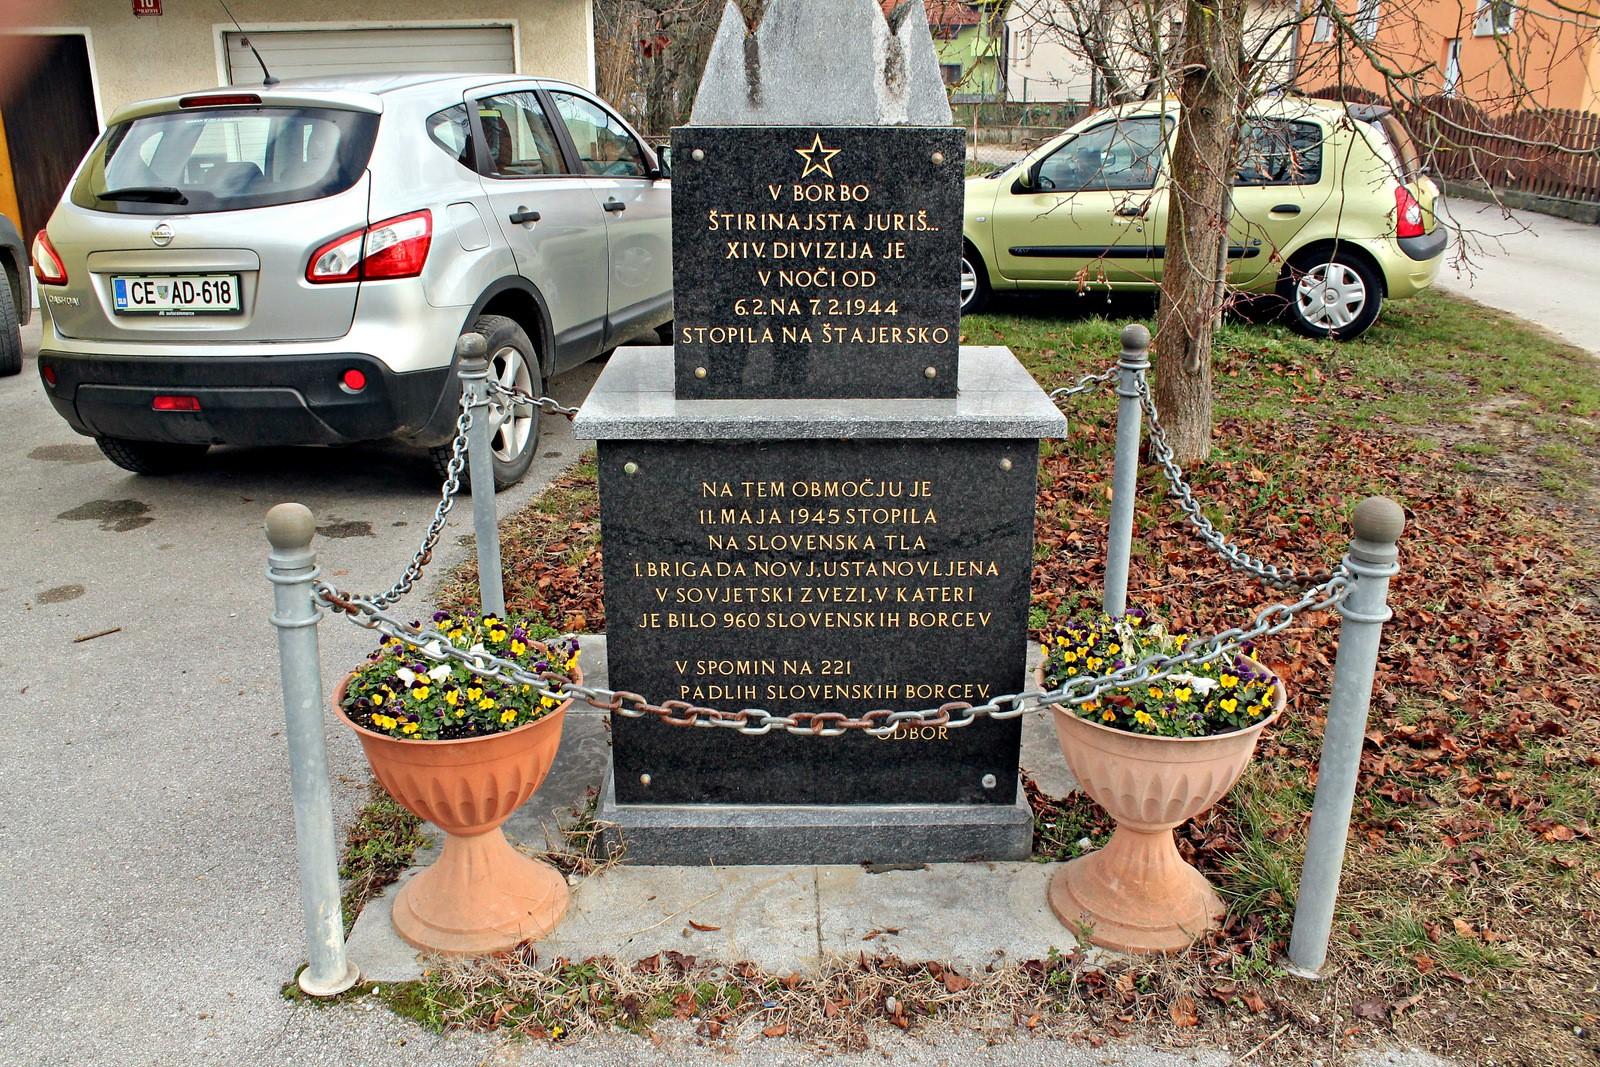 Spominska plošča, posvečena obeleženju spomina na prihod 14. divizije na okupirano štajersko zemljo. Spodnja plošča obeležuje prihod in padle žrtve 1. brigade NOVJ, v kateri so bili tudi pogumni slovenski fantje. Foto: Daniel Siter